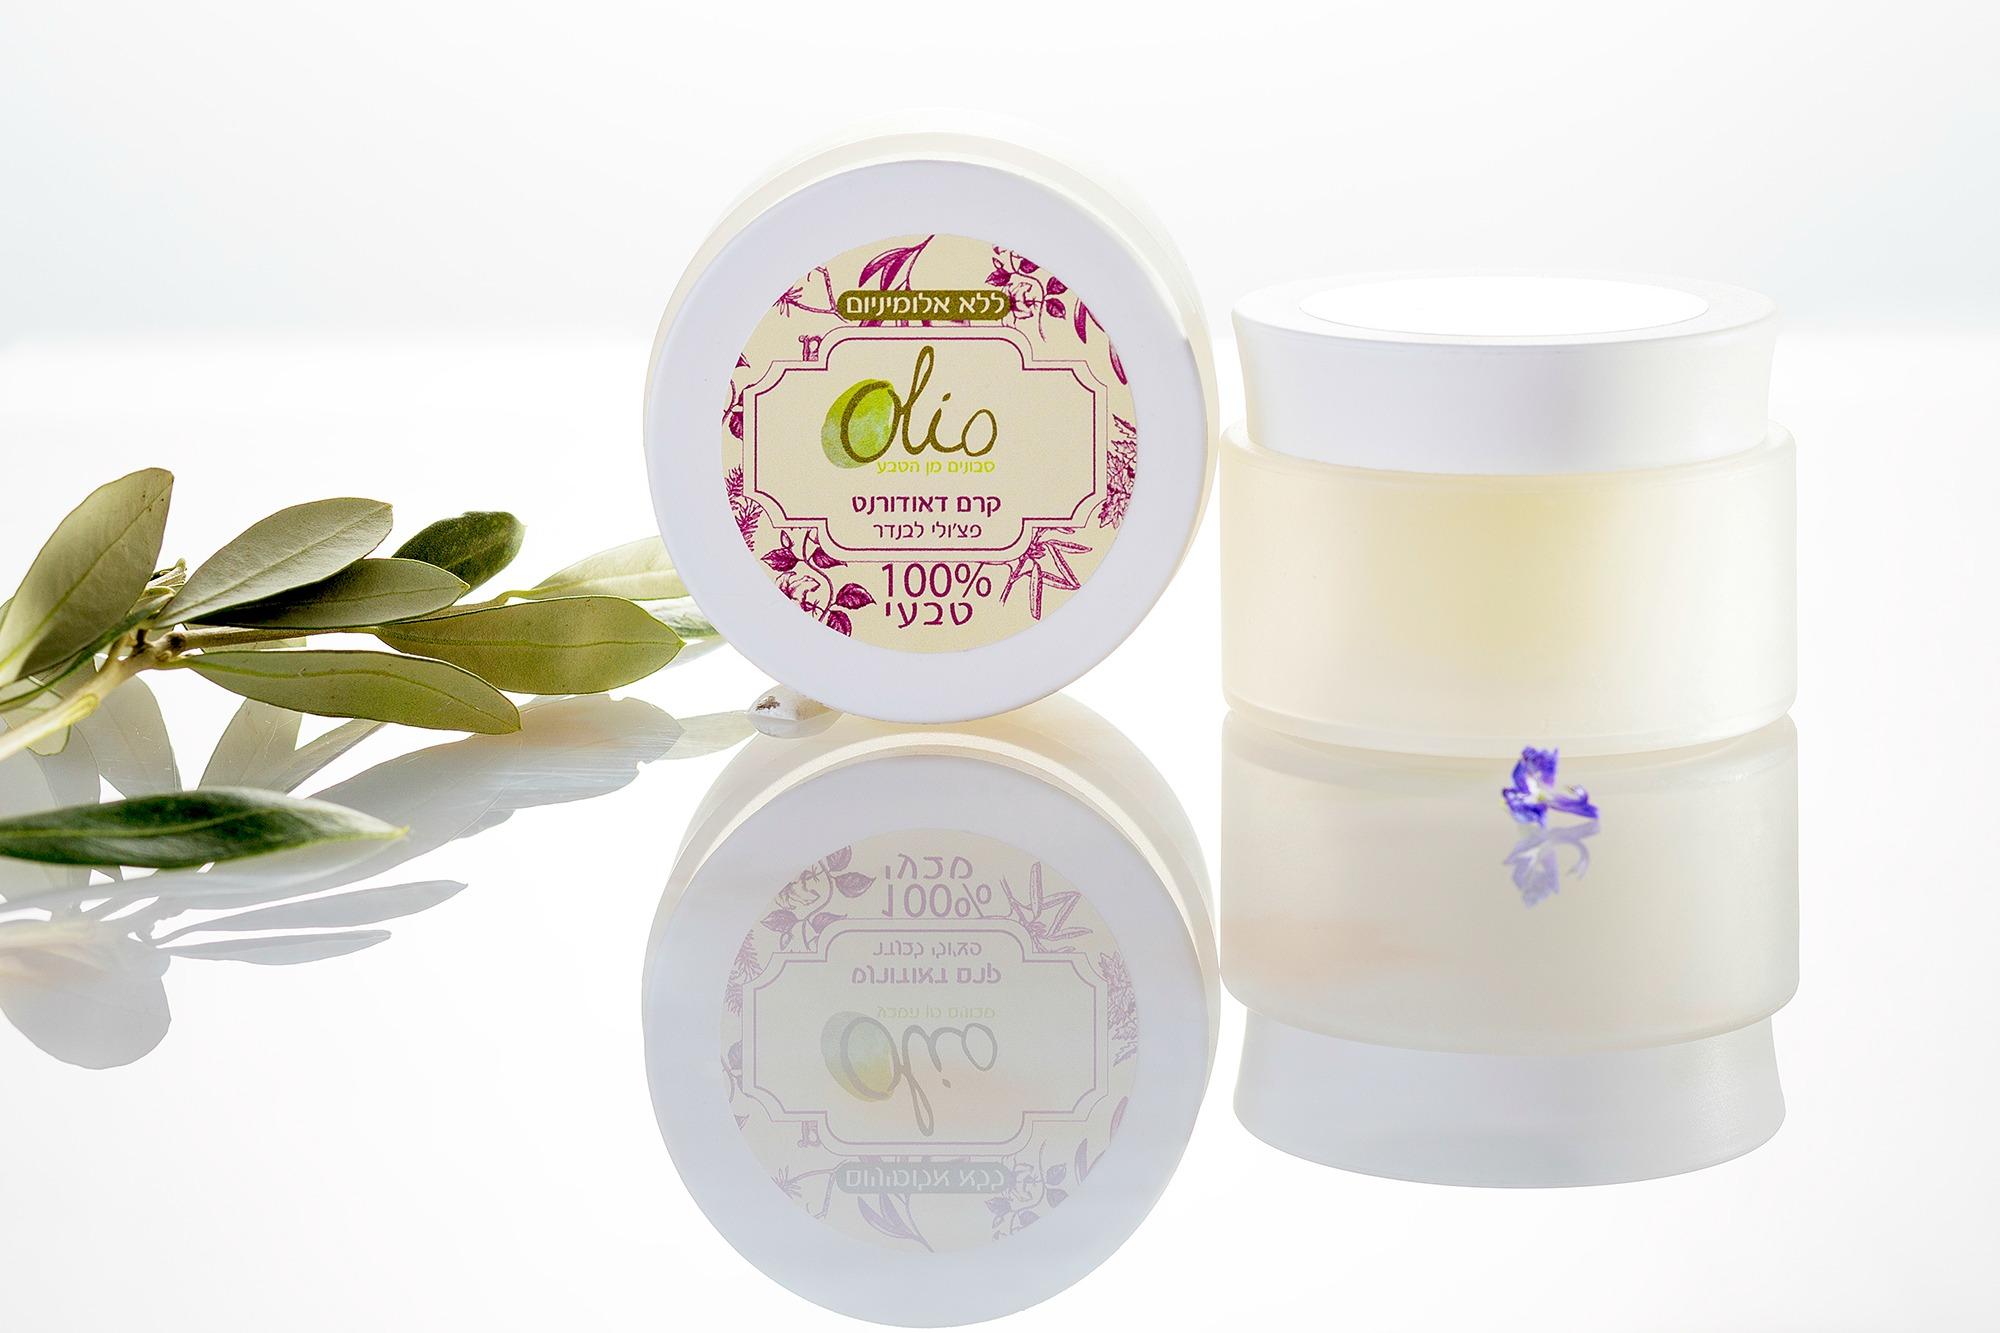 קרם דאודורנט טבעי לעור רגיש (ללא סודה לשתיה) וללא תוספת ריח